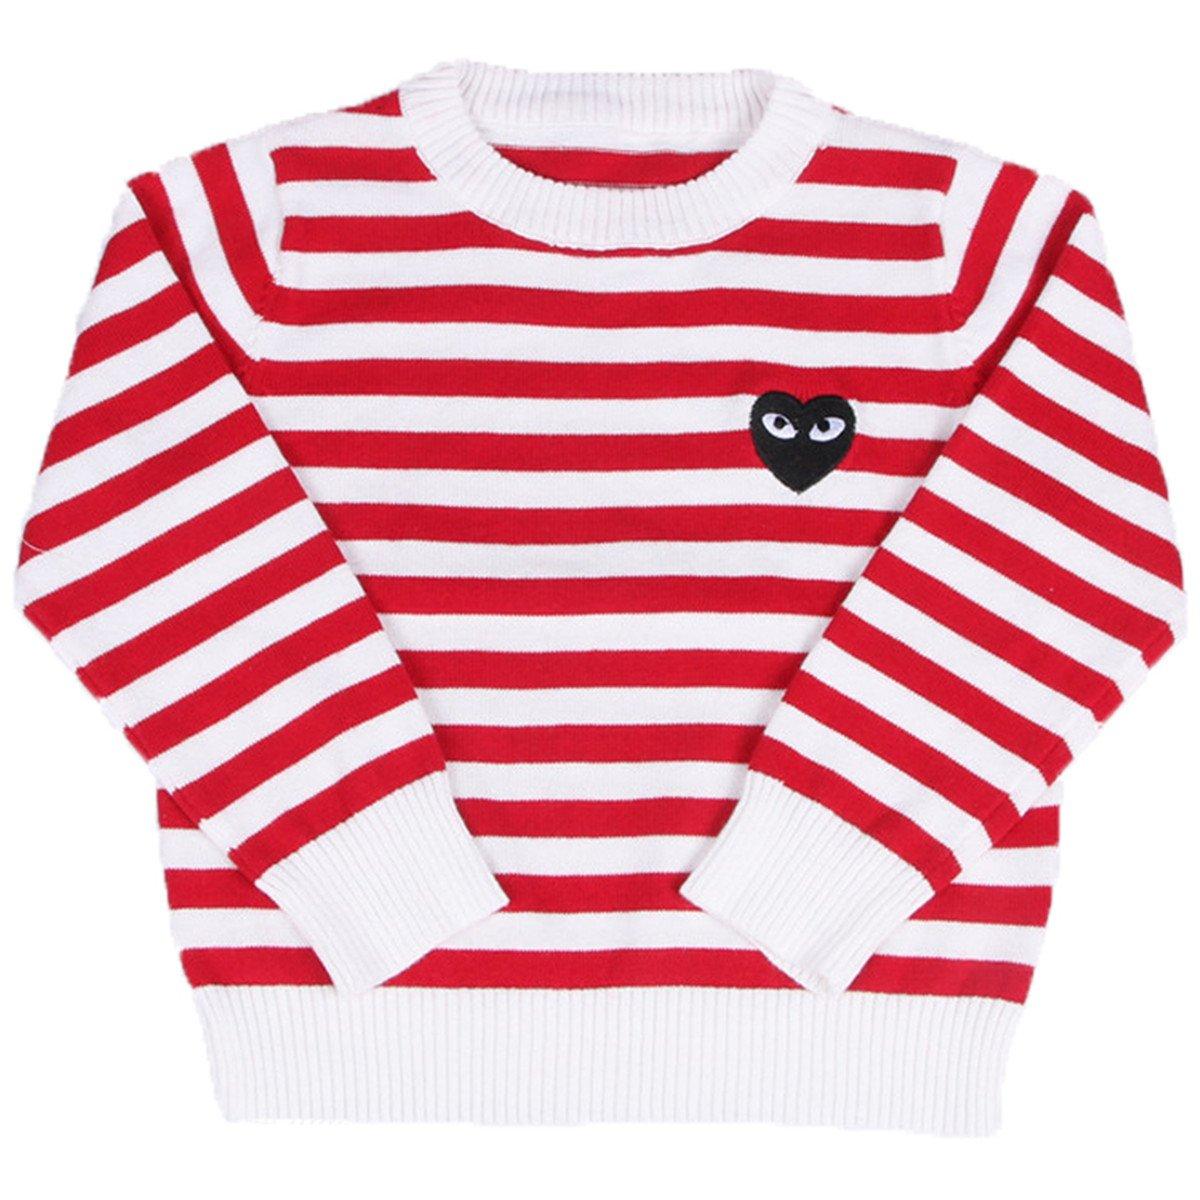 FAIRYRAIN Little Girls Round Neck Striped Fine Knit Basic Solid Fine Knit Warm Sweatshirt Pullover